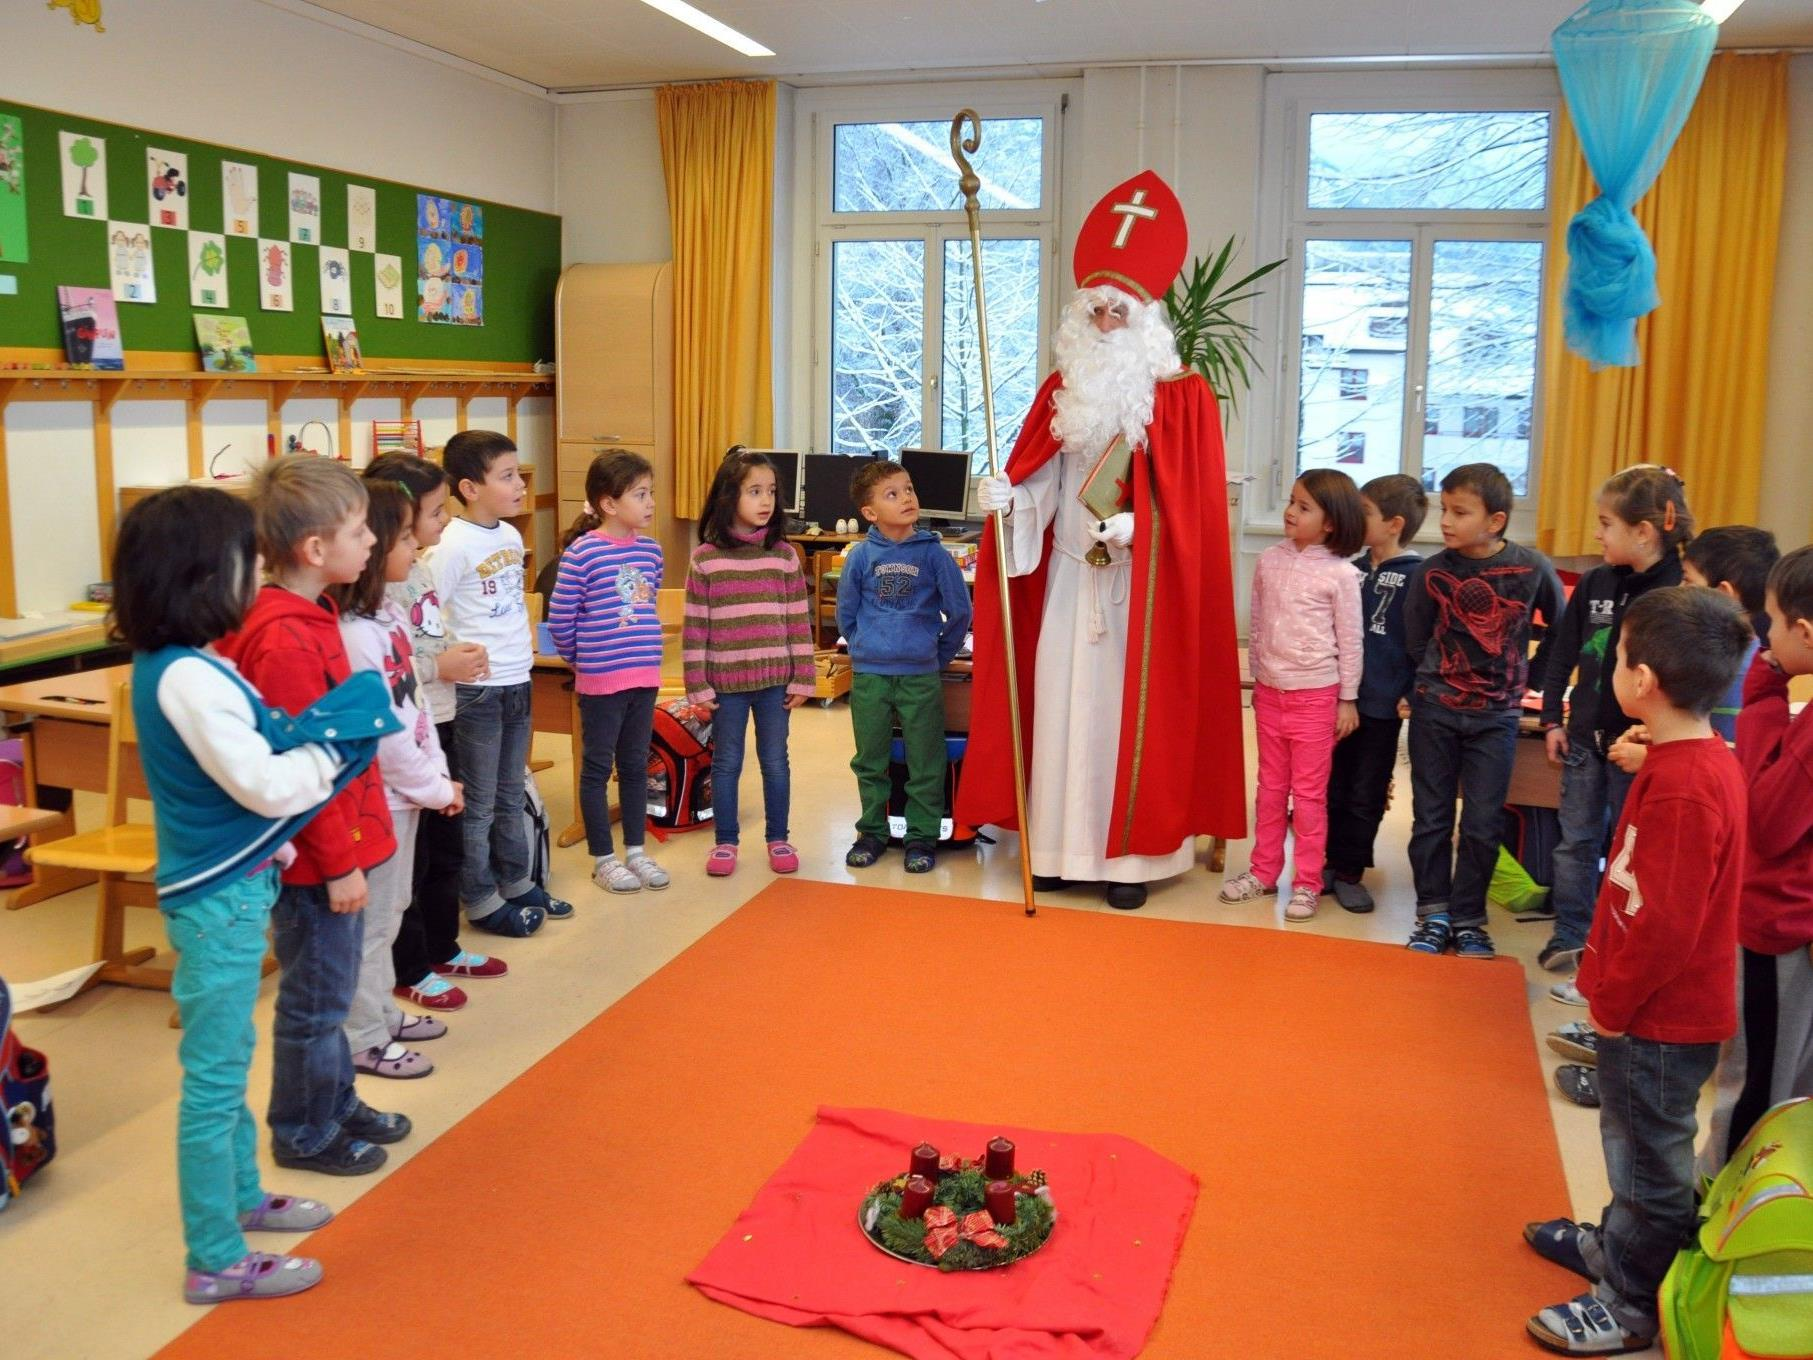 Der Nikolaus war letzte Woche im Dauereinsatz.